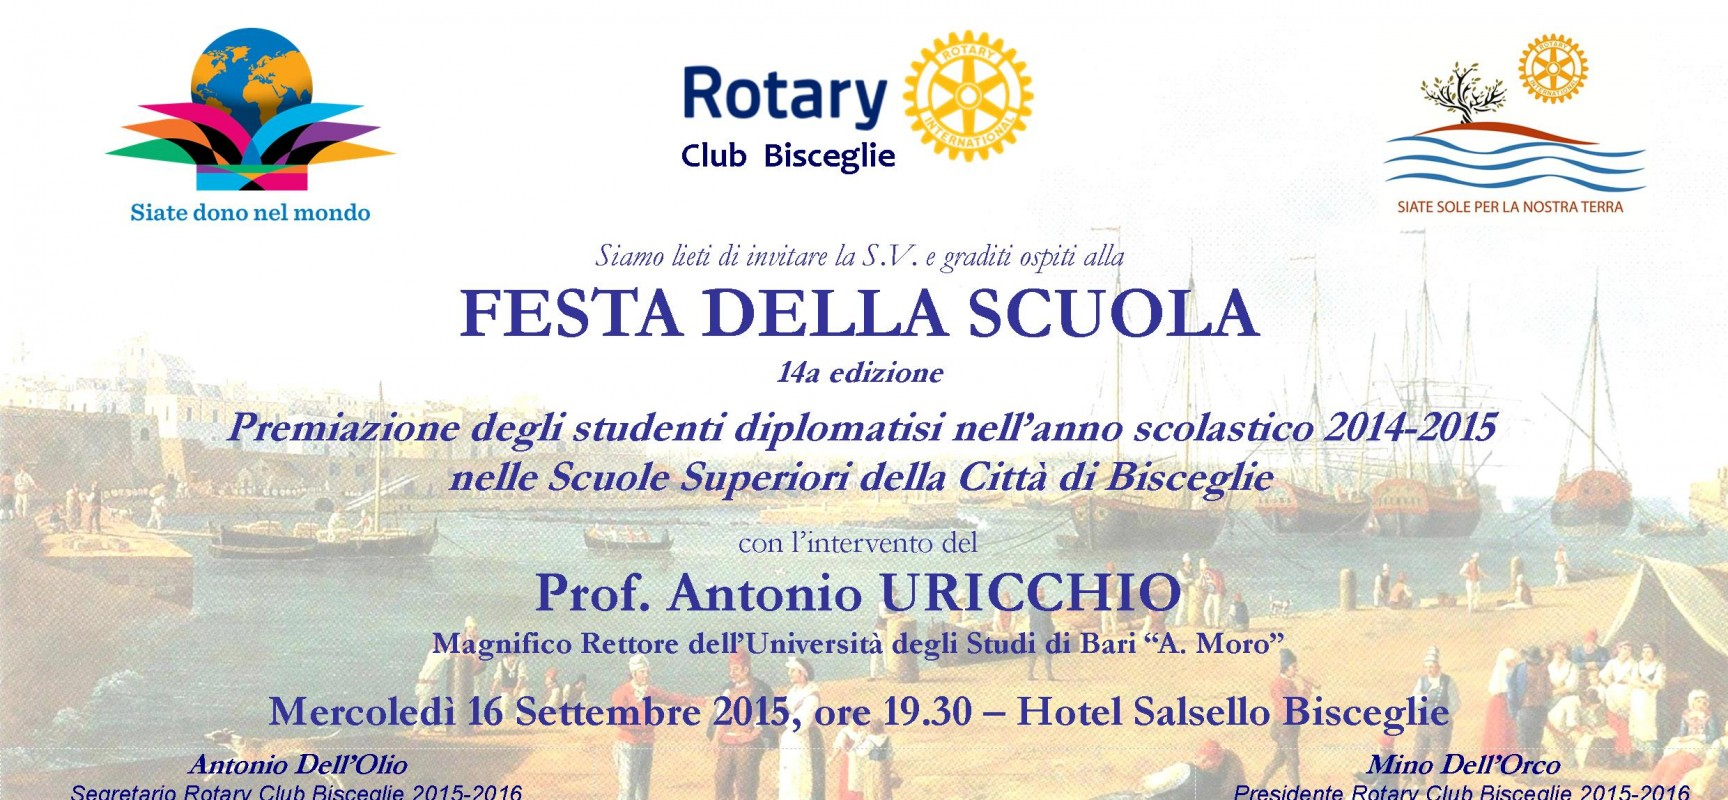 Festa della scuola, il Rotary Club premia le quattro eccellenze giovanili biscegliesi